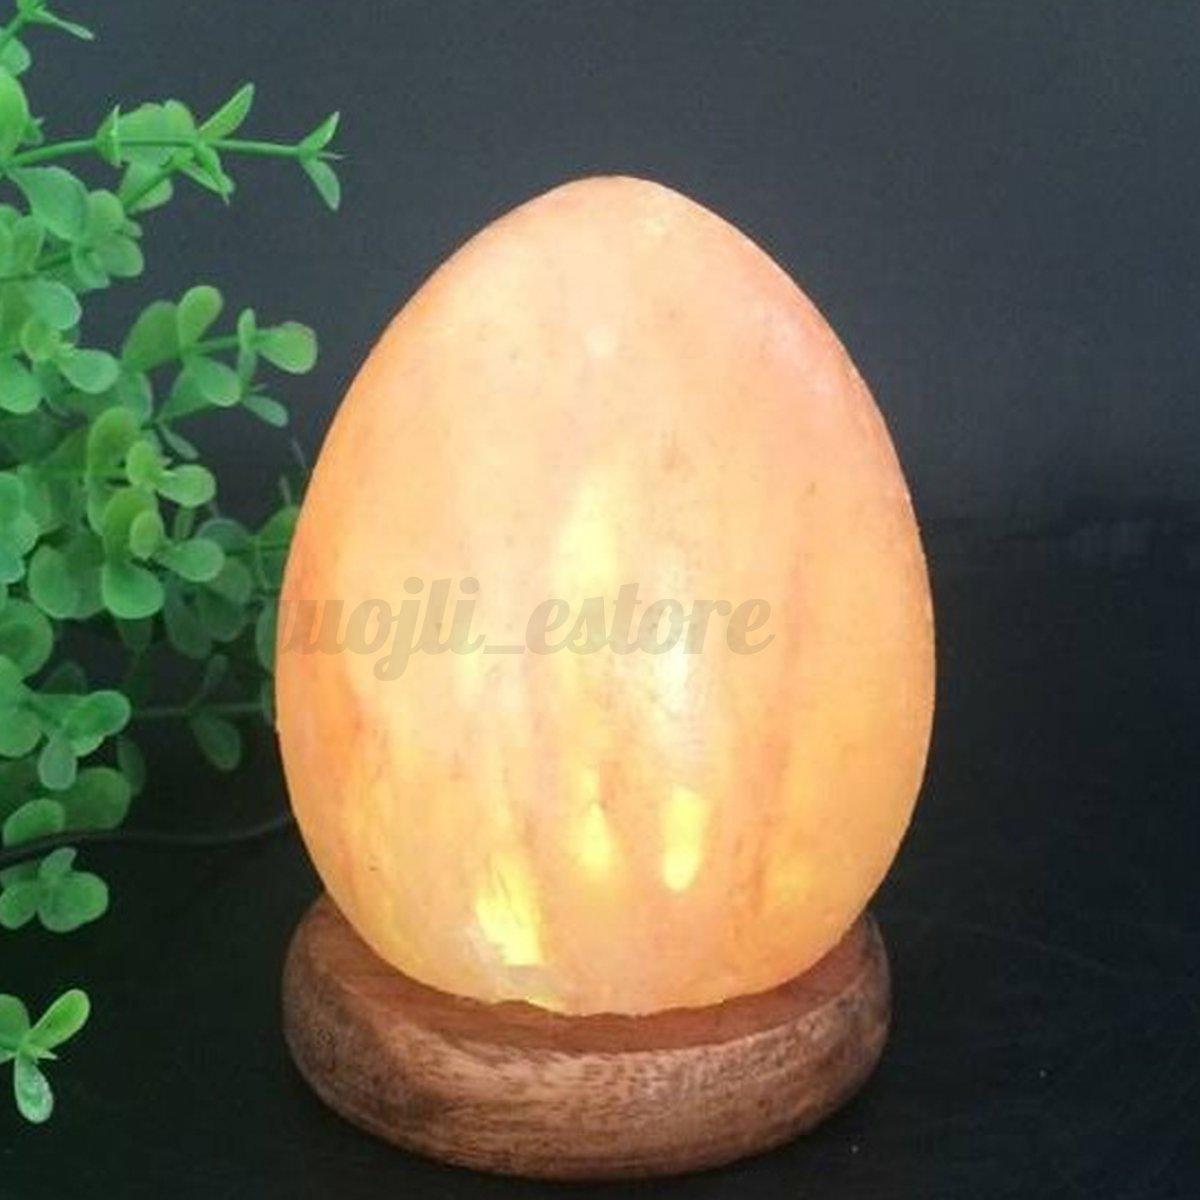 Salt Lamps Placement : Himalayan Natural Salt Lamp Crystal Rock Carved Egg Shape USB Color Change Gifts eBay